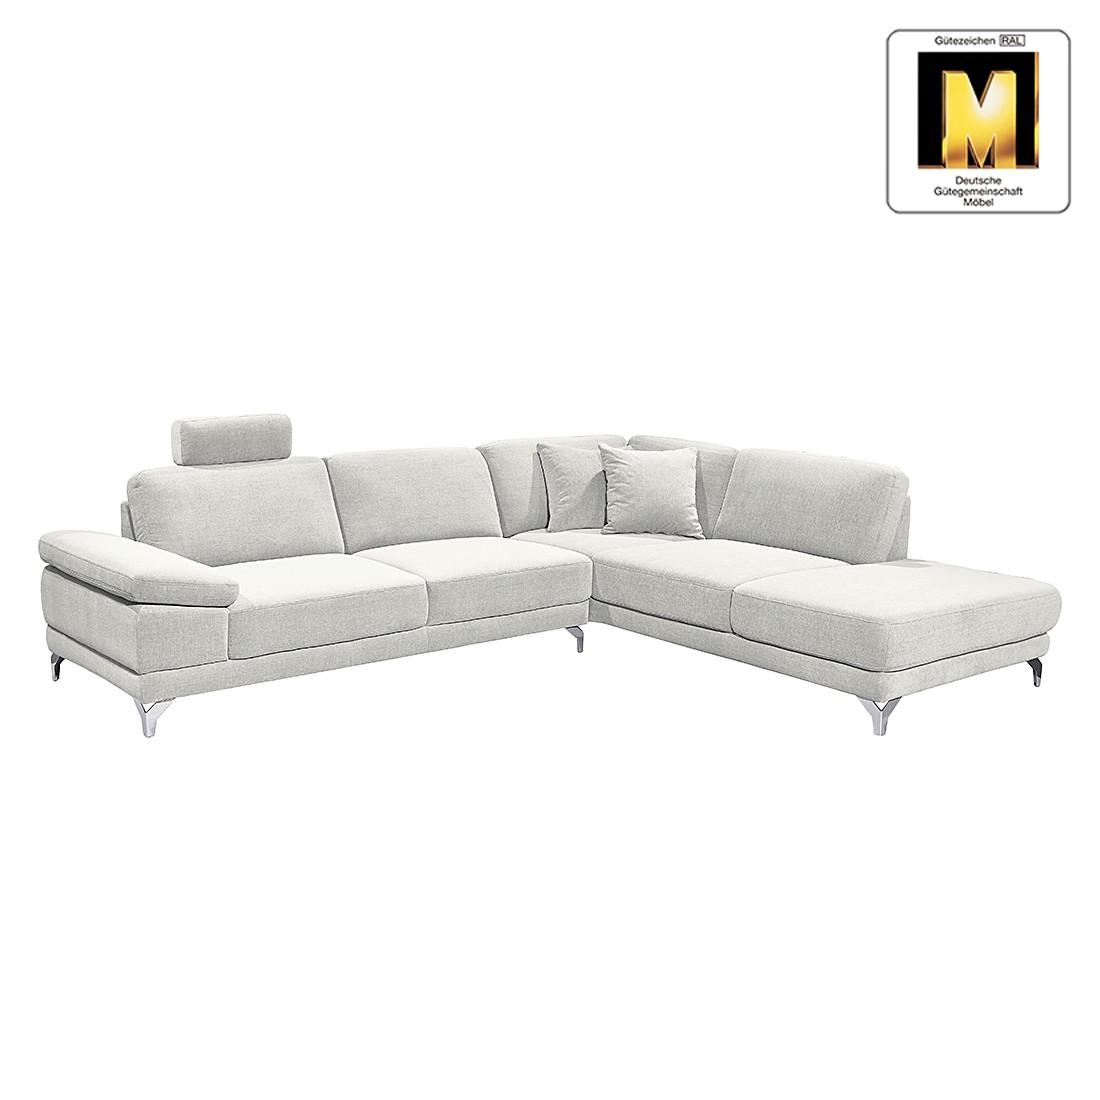 sofa casual line 2 5 sitzer strukturstoff verstellbare armlehnen hellgrau claas claasen. Black Bedroom Furniture Sets. Home Design Ideas